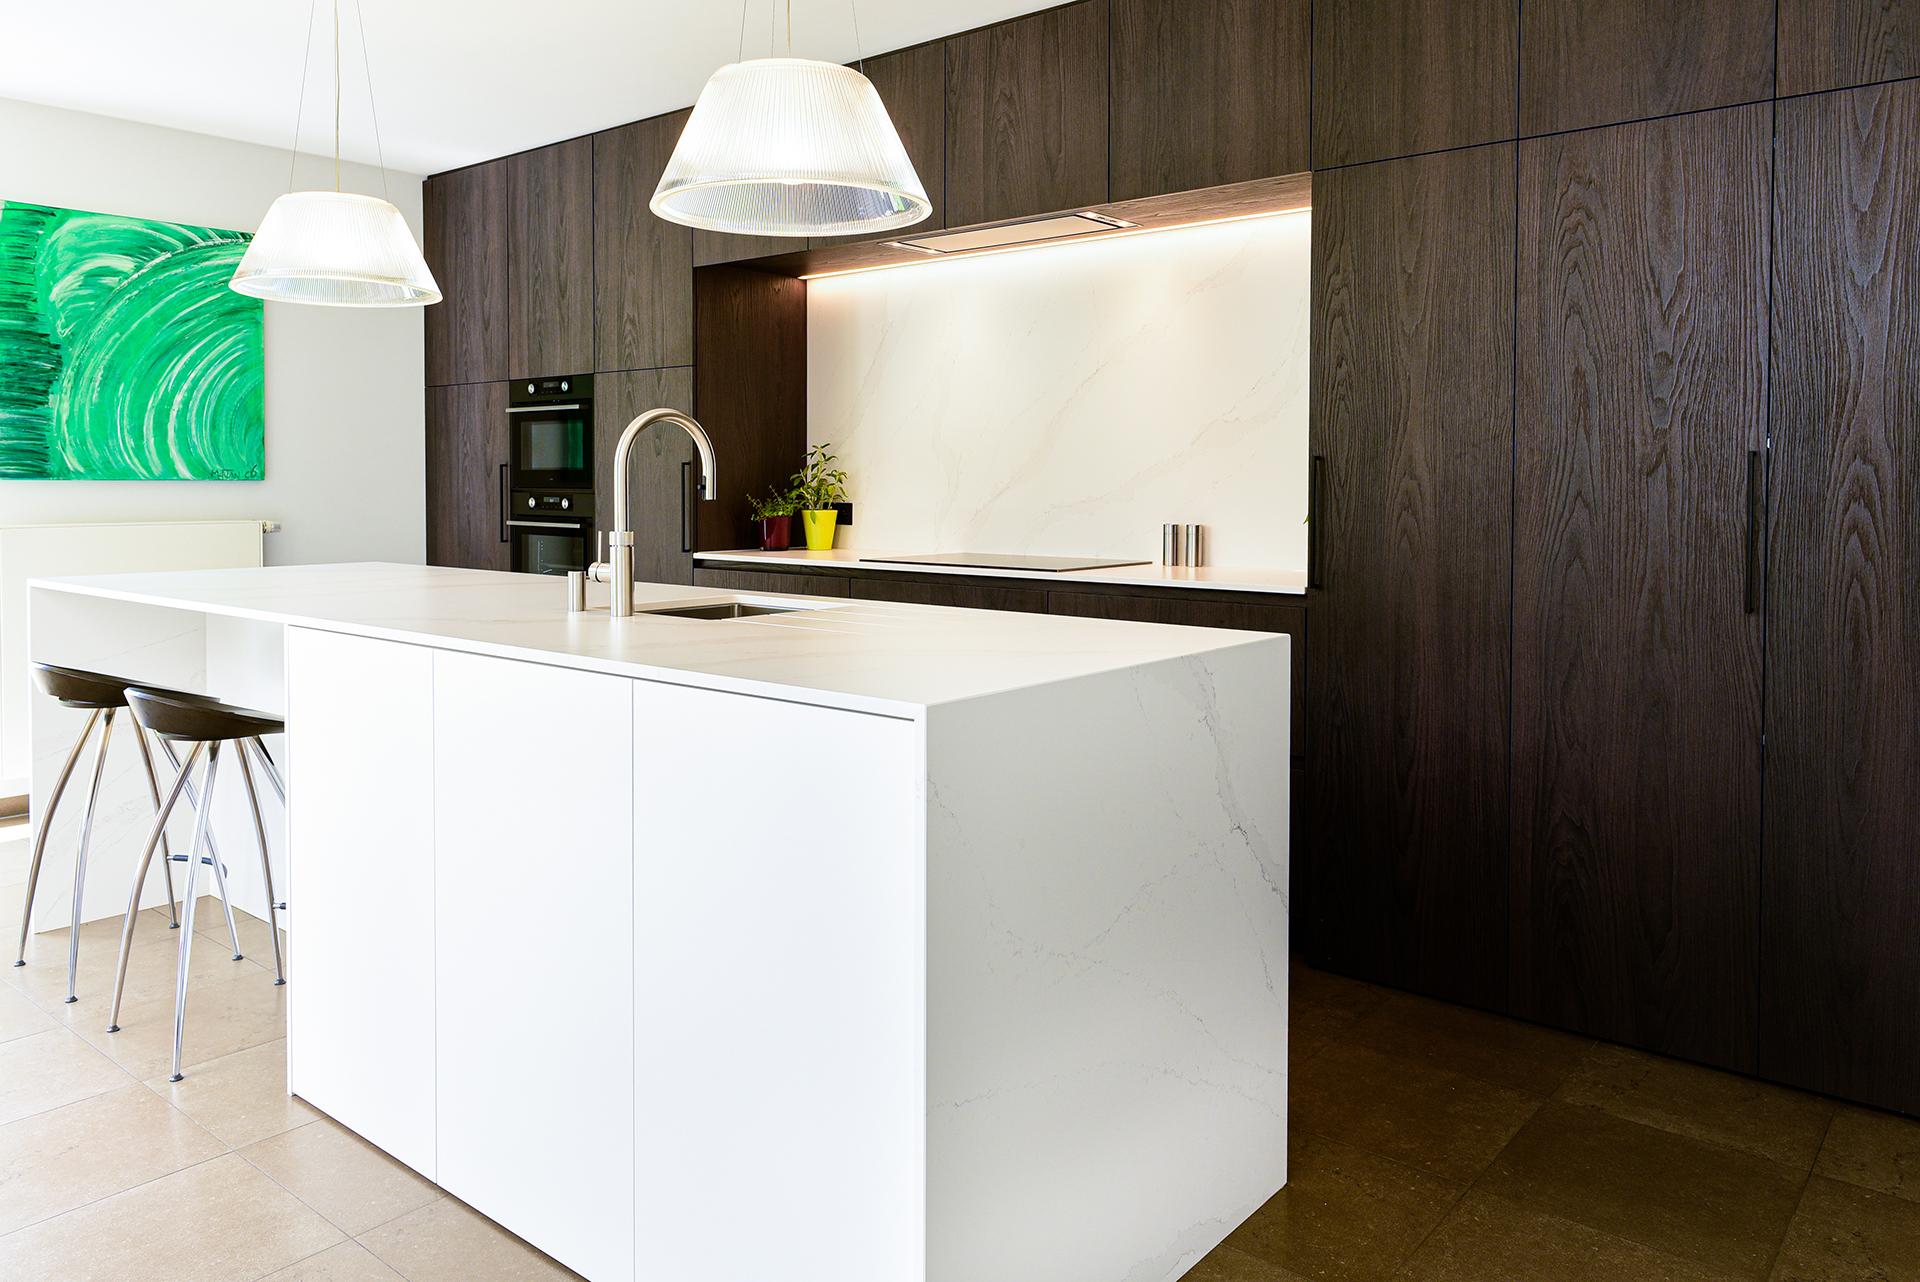 Keuken QU - Ilwa